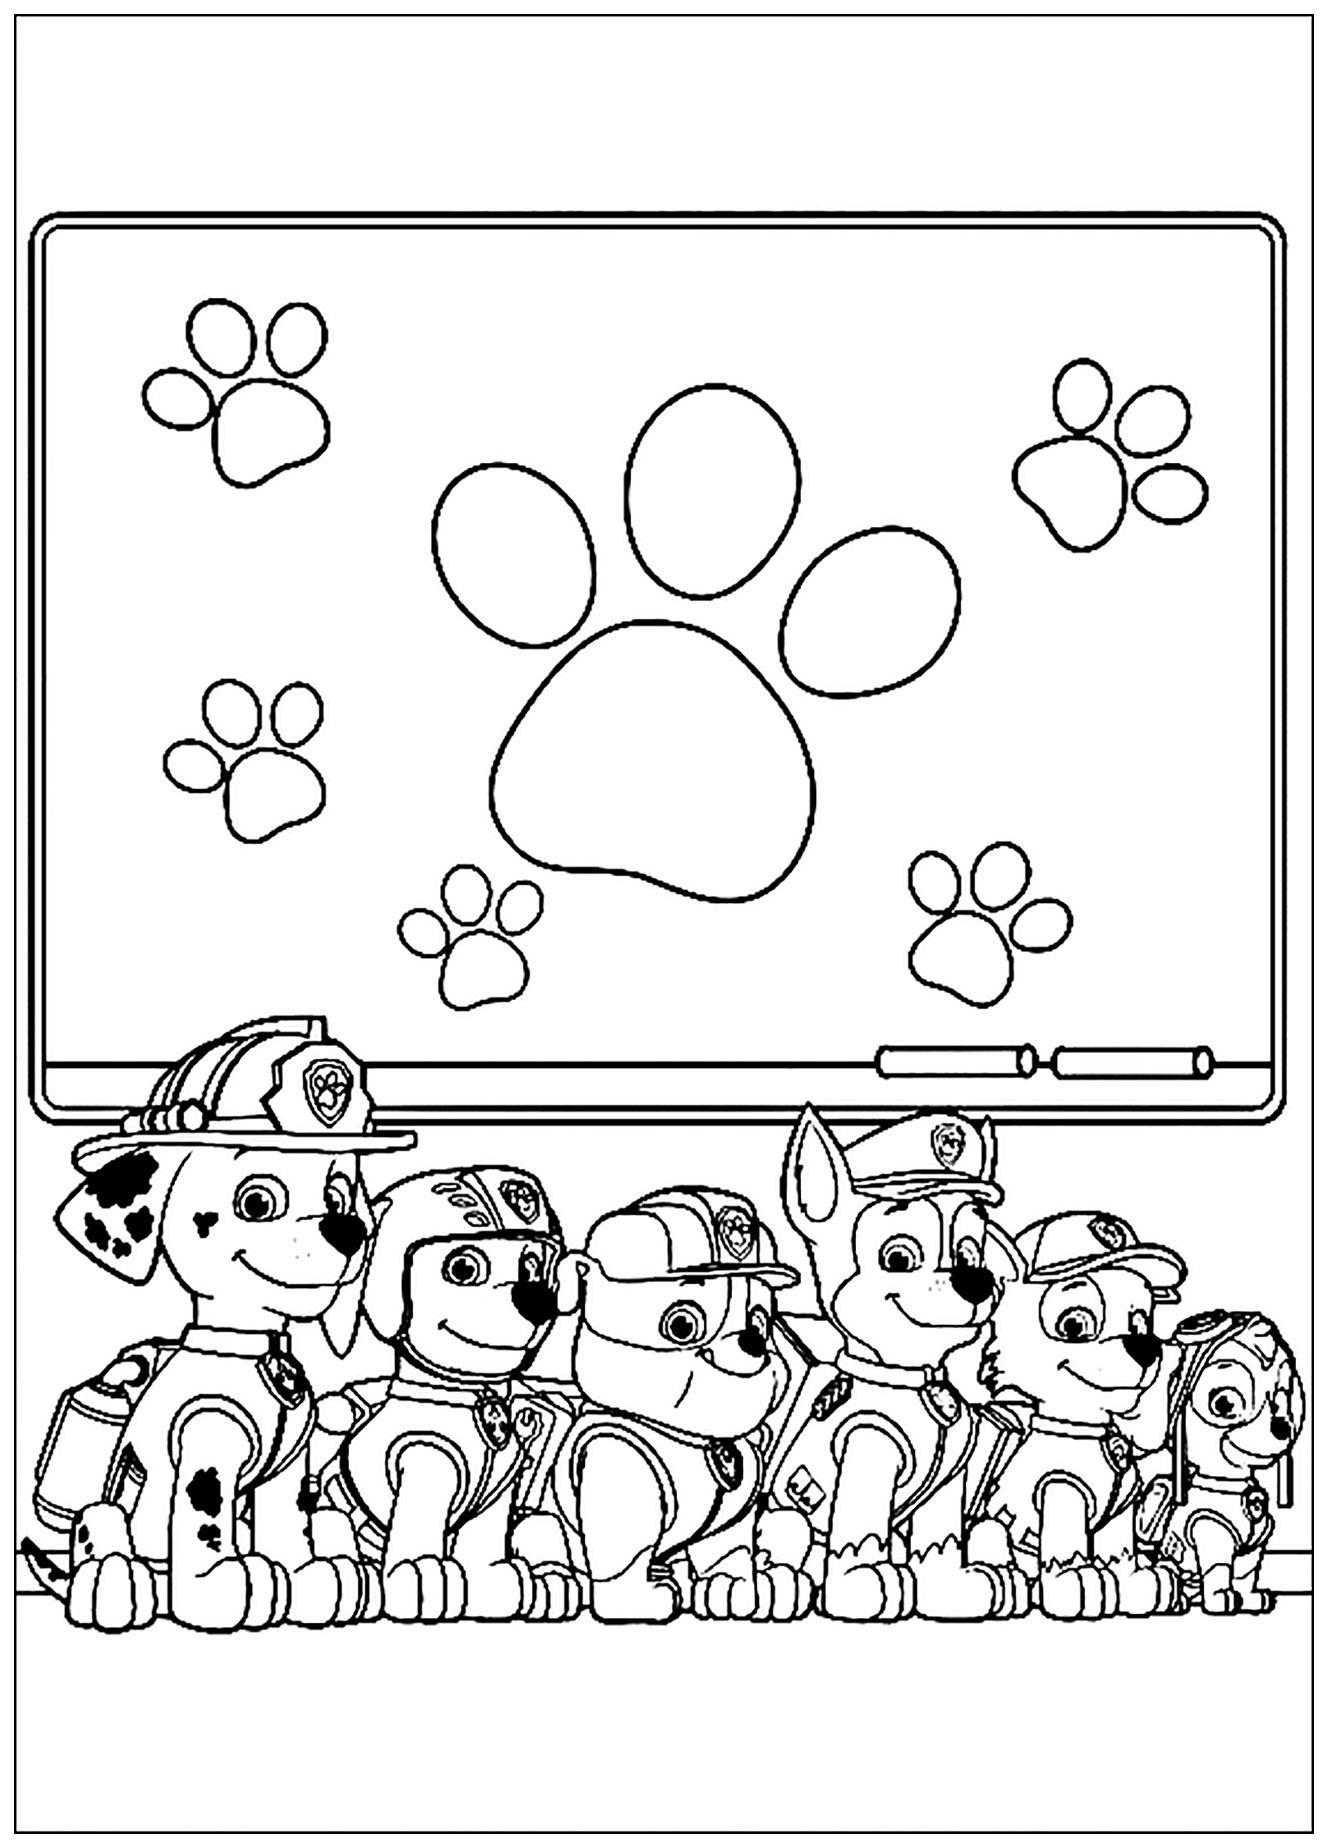 Coloriage Ecusson Pat Patrouille.Coloriage Pat Patrouille Coloriages Pour Enfants Page 2